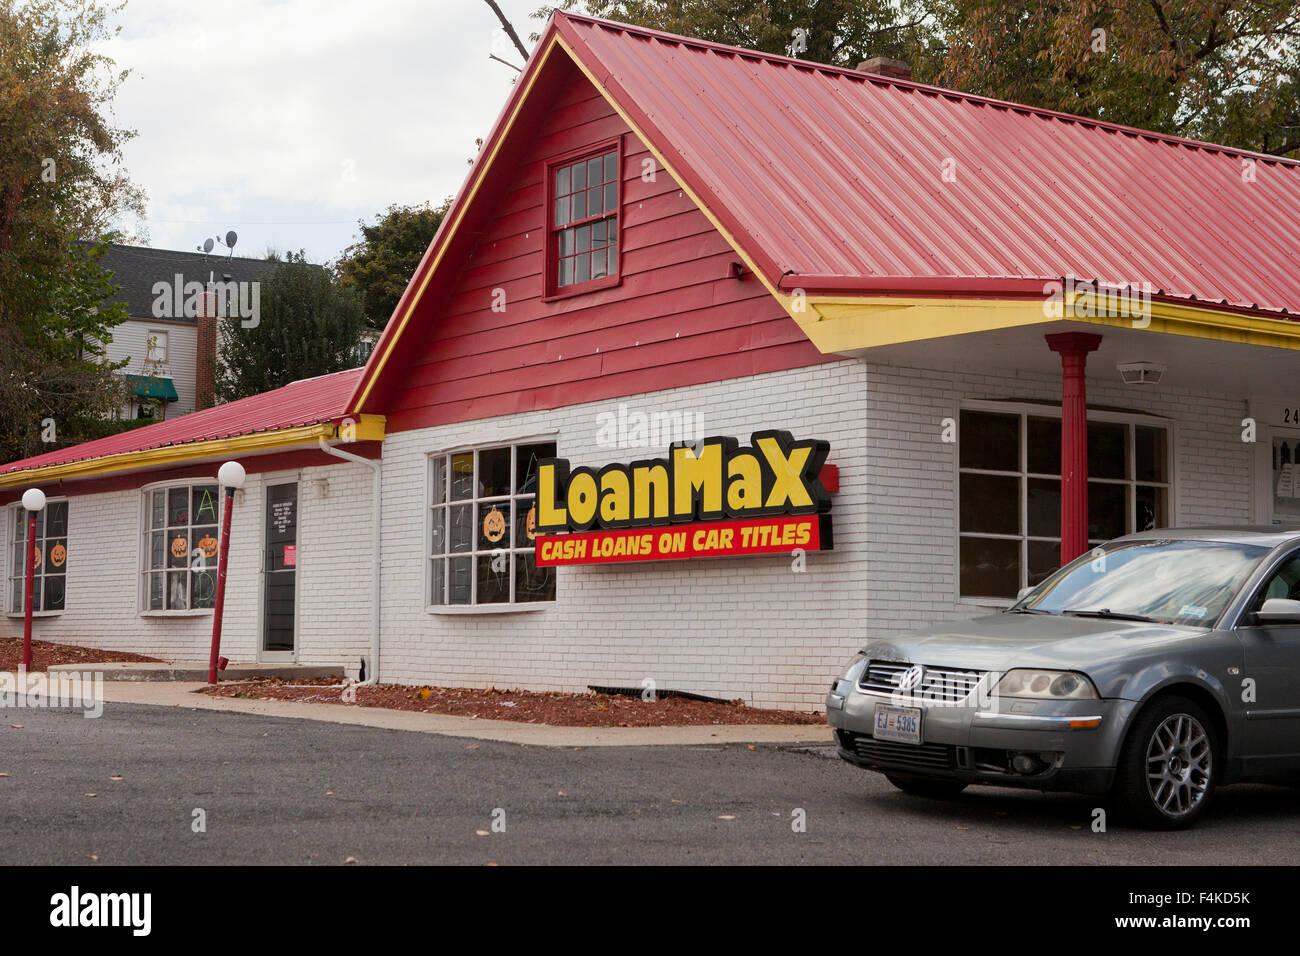 Compañía de préstamos de título de automóvil LoanMax - Virginia EE.UU. Imagen De Stock